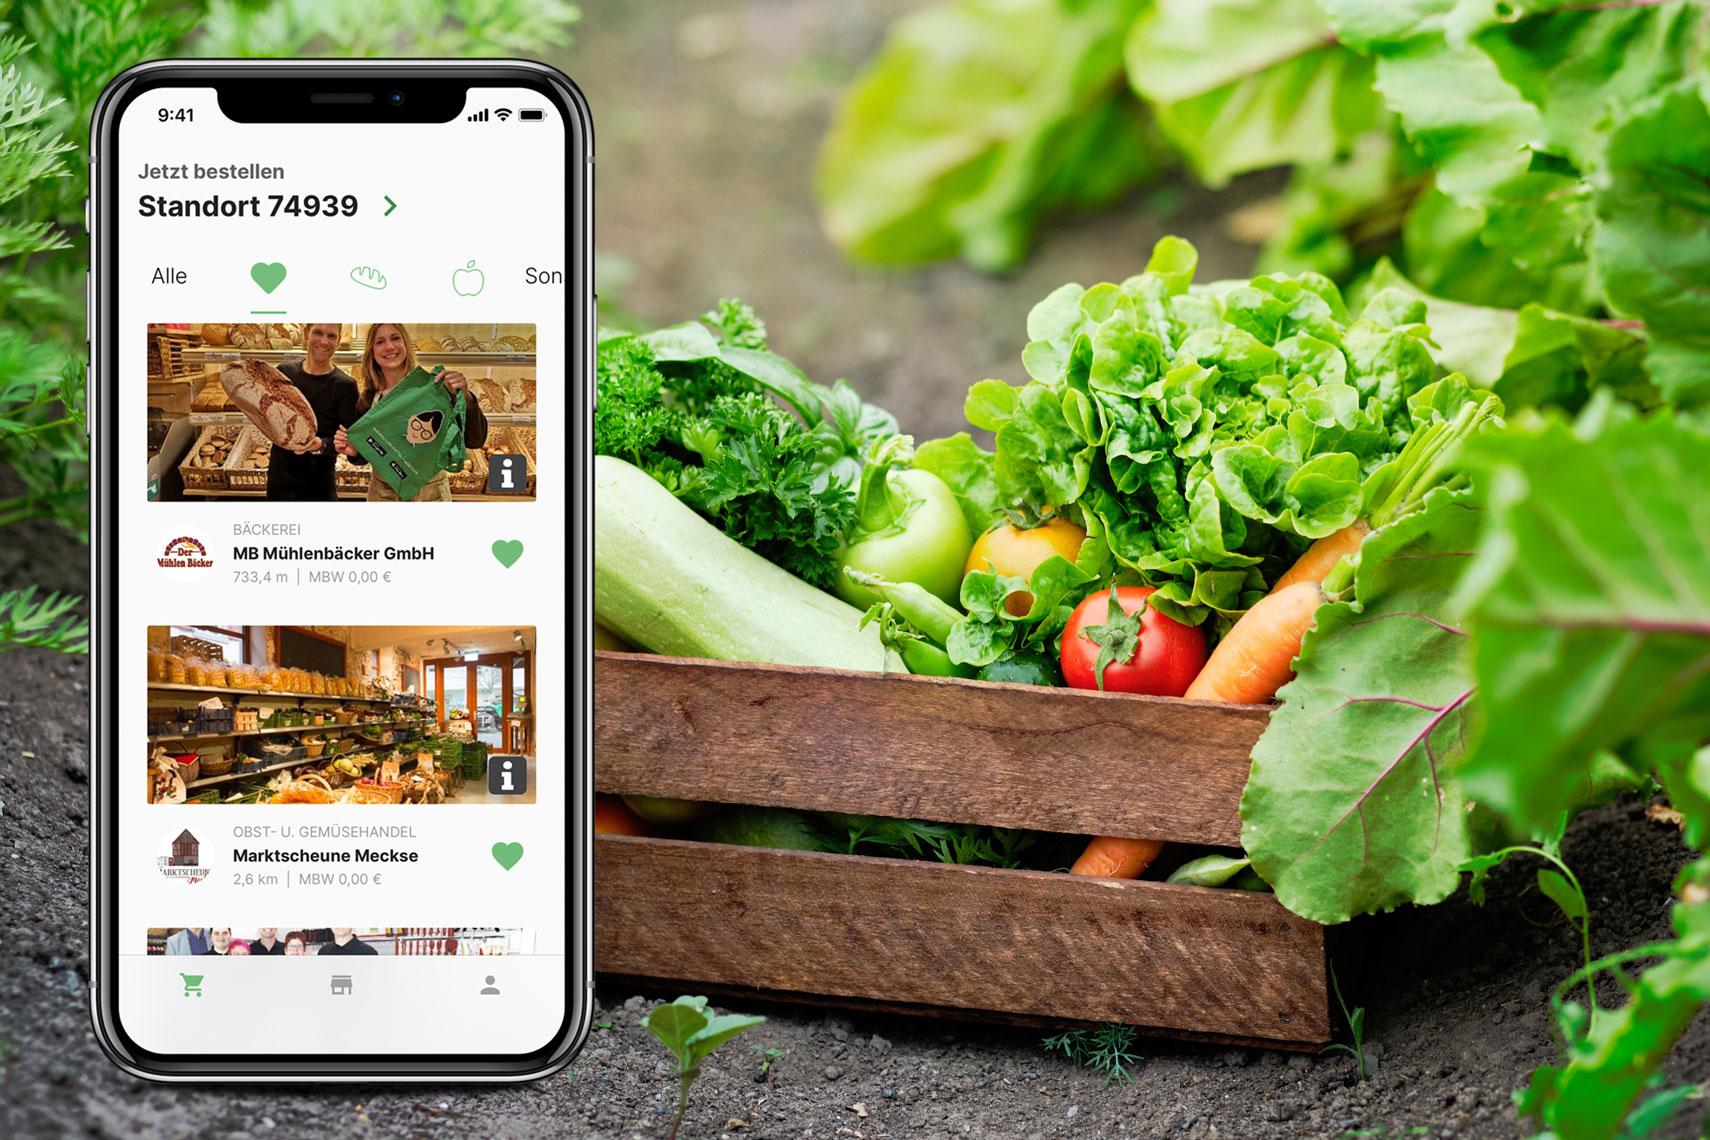 Kostenloser Zugang zum Online-Marktplatz